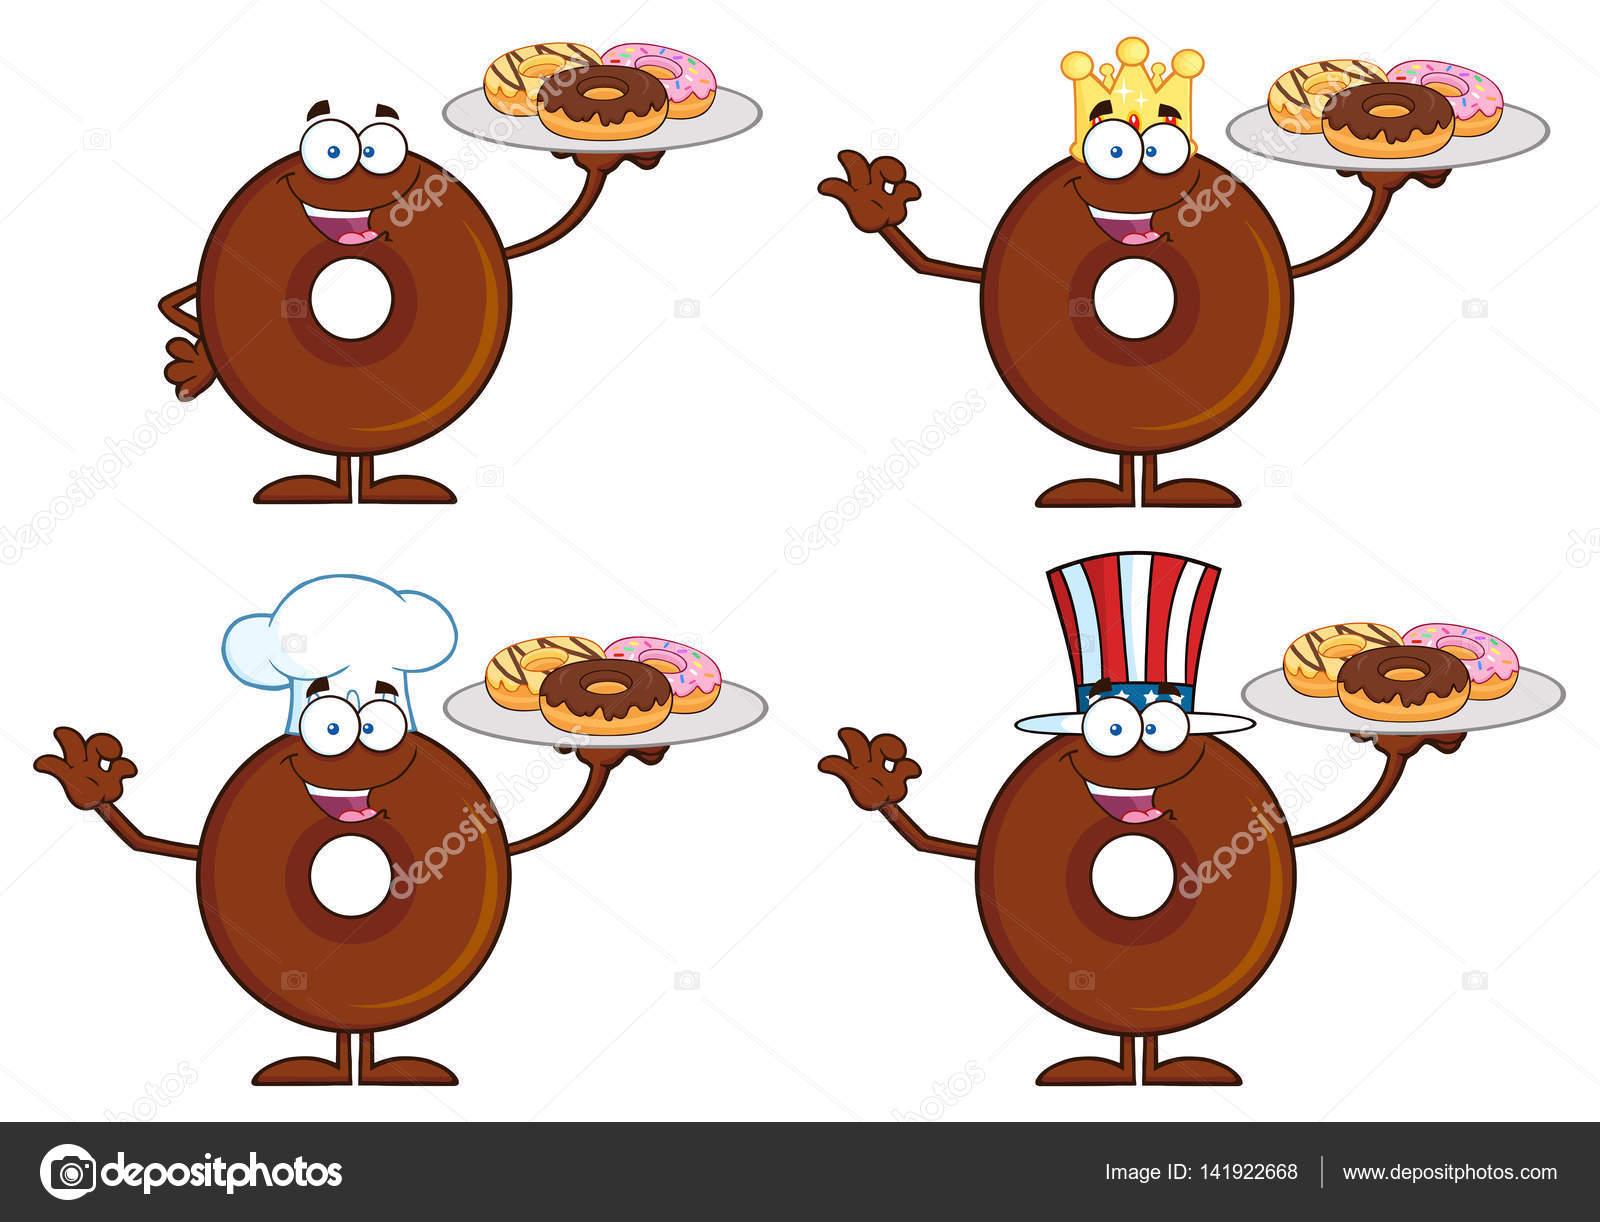 Weihnachtsgebäck Clipart.Lebkuchen Weihnachtsgebäck Mit Sahnehäubchen Stockvektor Hittoon